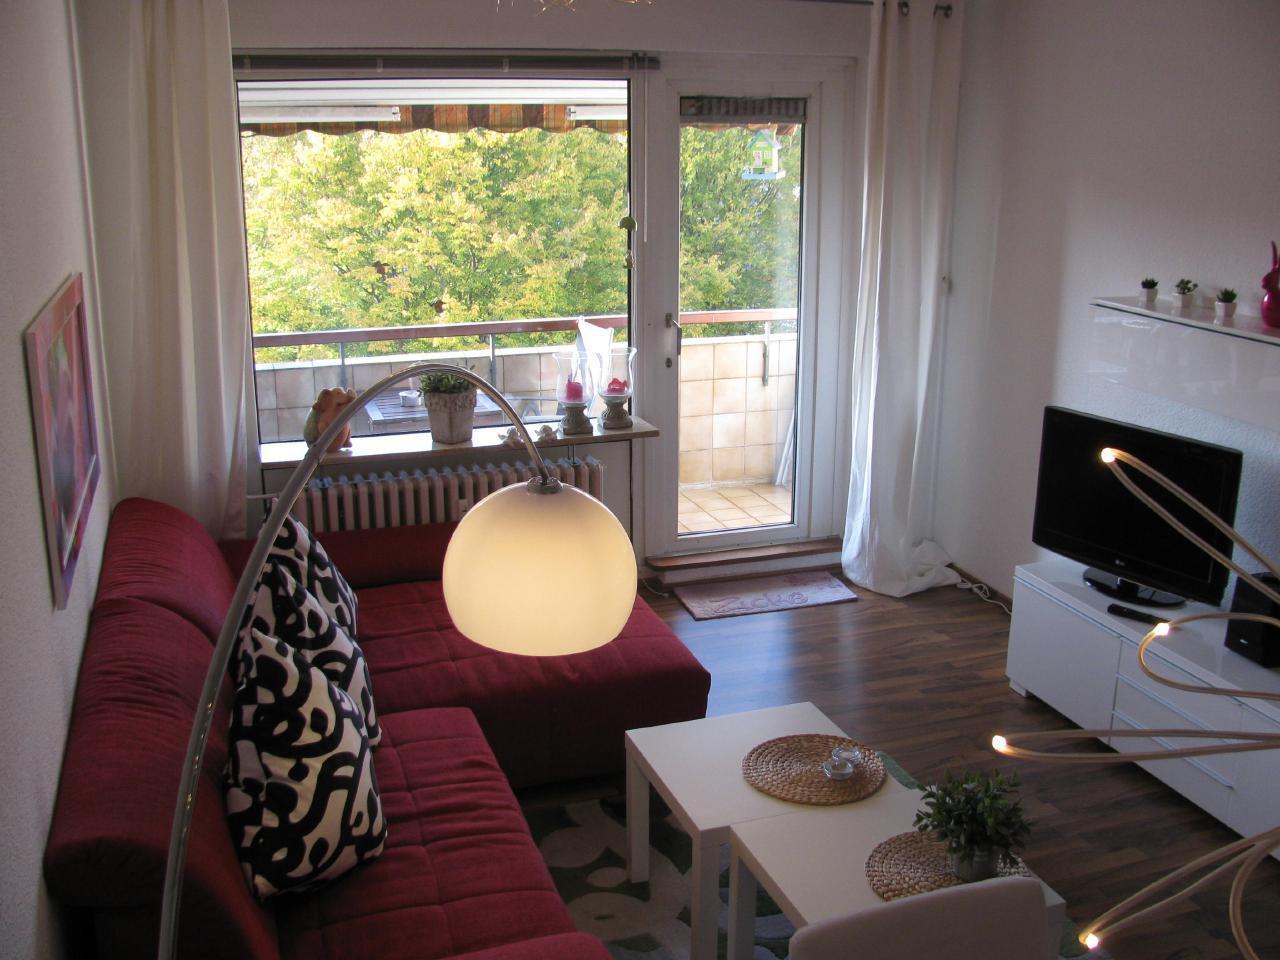 Ferienwohnung Sonnige Traum Ferienwohnung, 75m², Wifi (1000716), Bremen, , Bremen, Deutschland, Bild 2